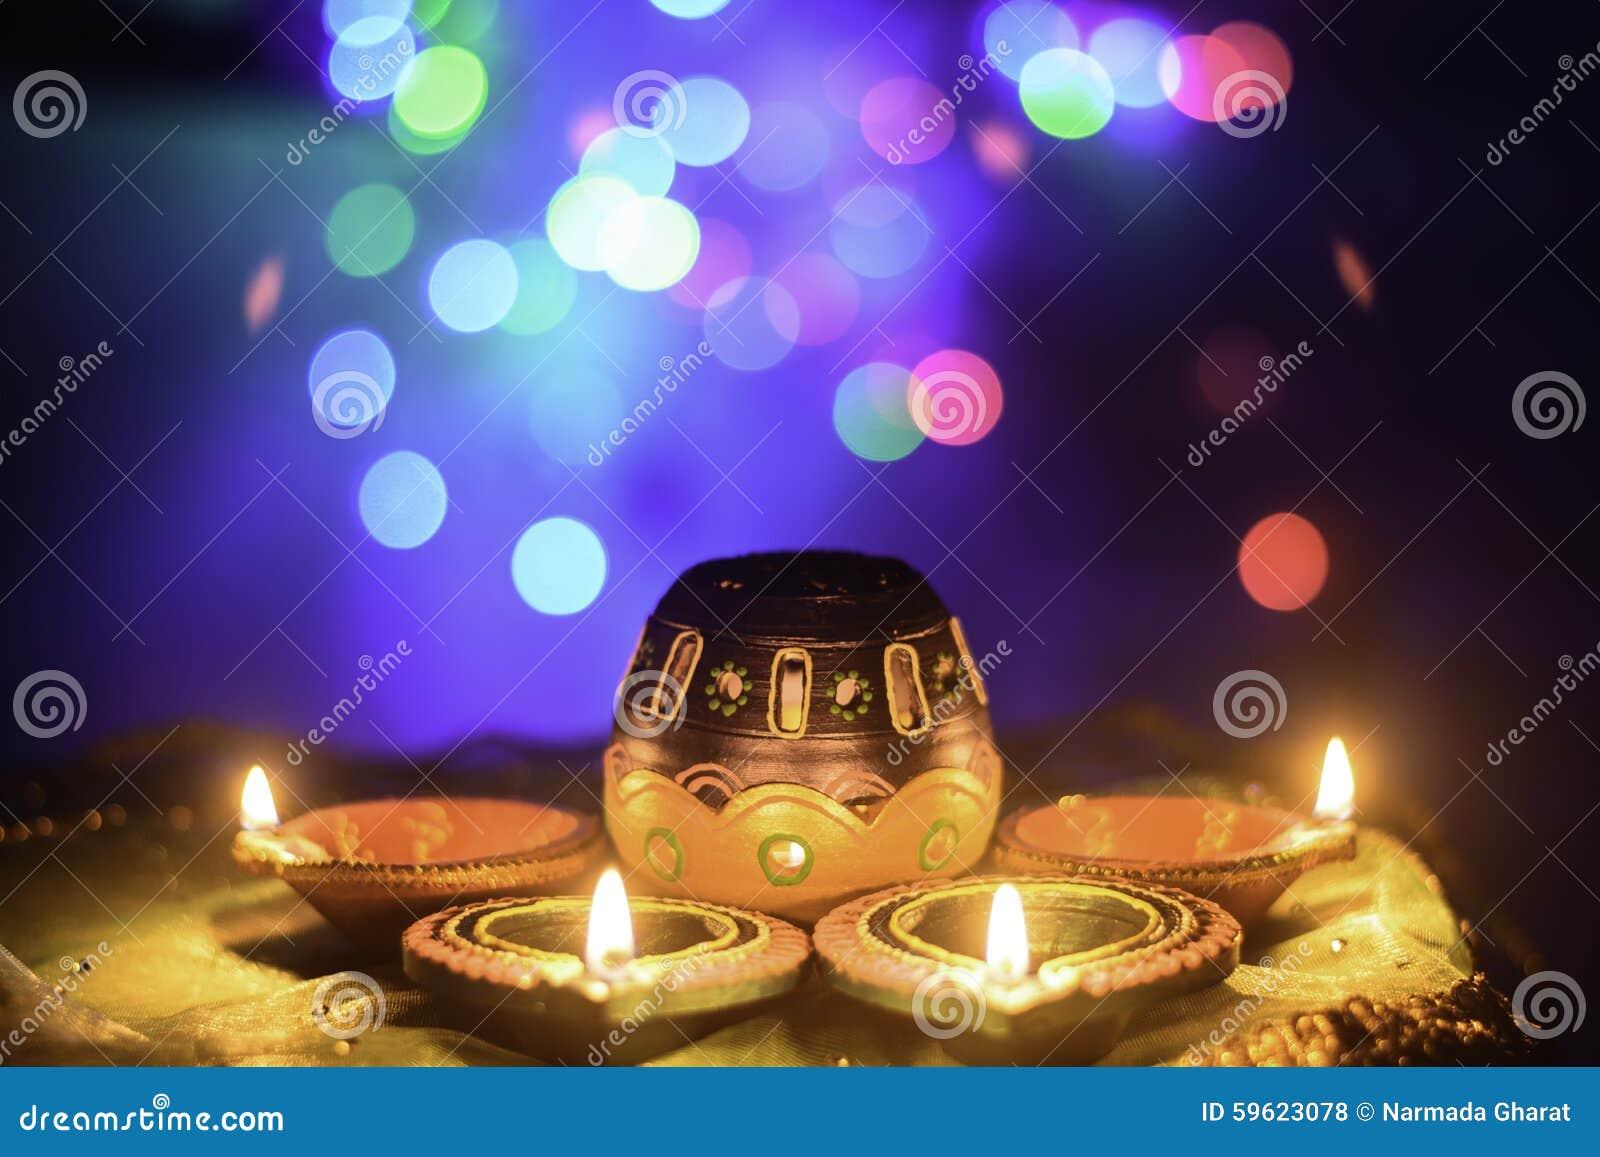 Ινδική διακόσμηση ελαιολυχνιών Diwali φεστιβάλ